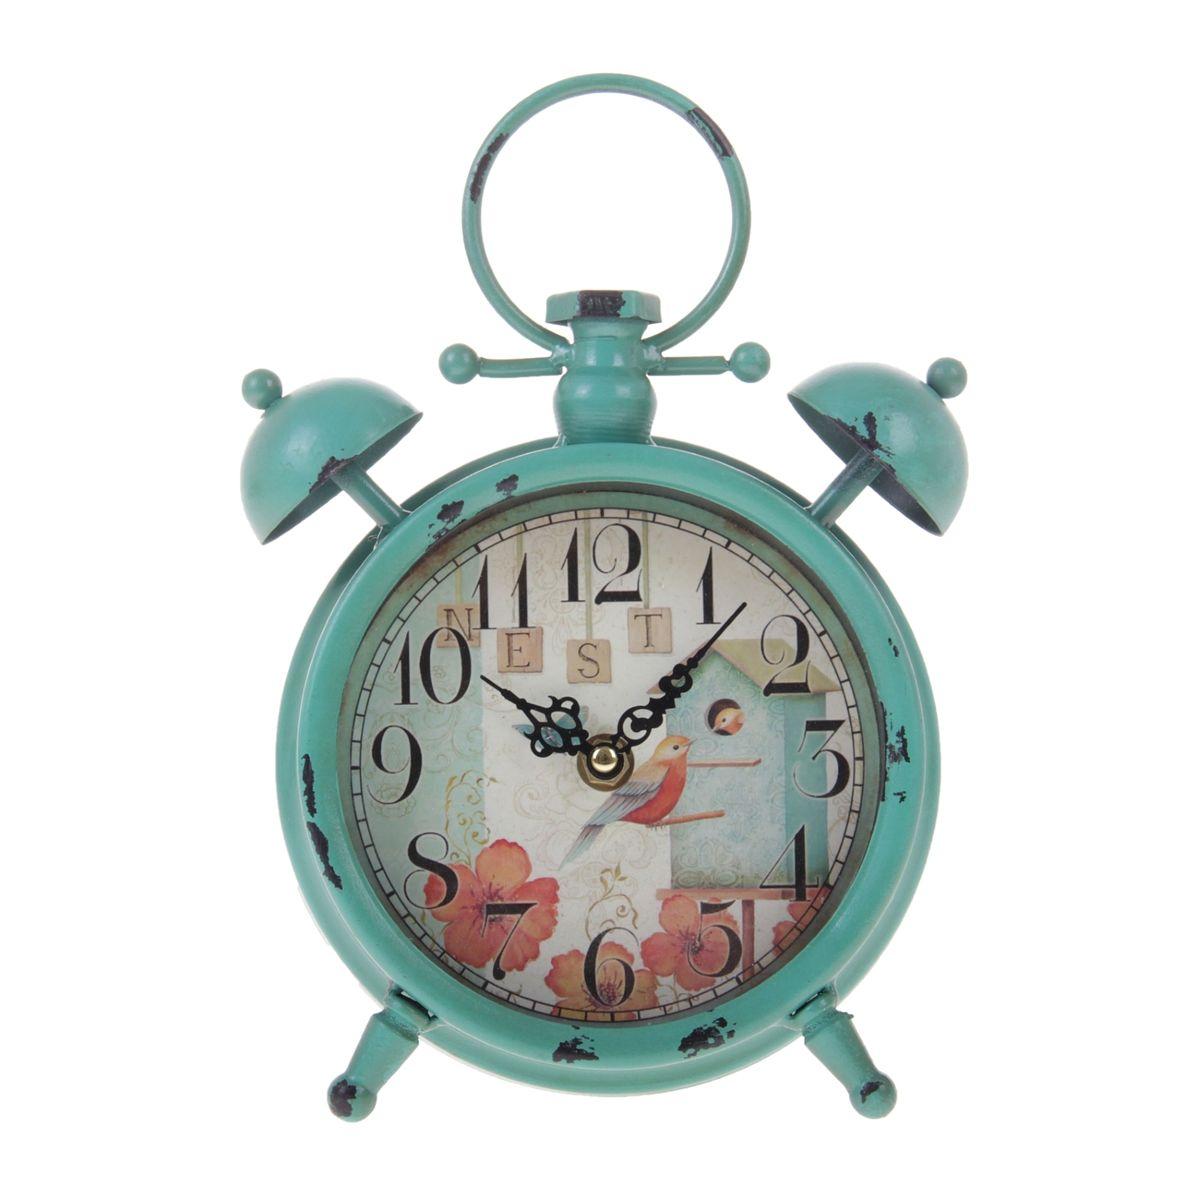 Часы настольные Sima-land Скворечник, в виде будильника, цвет: бирюзовый, диаметр 12,5 смRRM116-rНастольные часы Sima-land Скворечник своим эксклюзивным дизайном подчеркнут оригинальность интерьера вашего дома. Изделие выполнено в форме будильника, оснащено ножками, ручкой для переноски и двумя декоративными звоночками. Часы изготовлены из металла и украшены изящным изображением птиц в скворечнике. Имеют две стрелки - часовую и минутную. Циферблат оформлен крупными арабскими цифрами и защищен стеклом.Настольные часы Sima-land Скворечник станут прекрасным аксессуаром для вашего дома, либо прекрасным подарком, который обязательно понравится получателю. Часы работают от 1 батарейки типа АА (в комплект не входит).